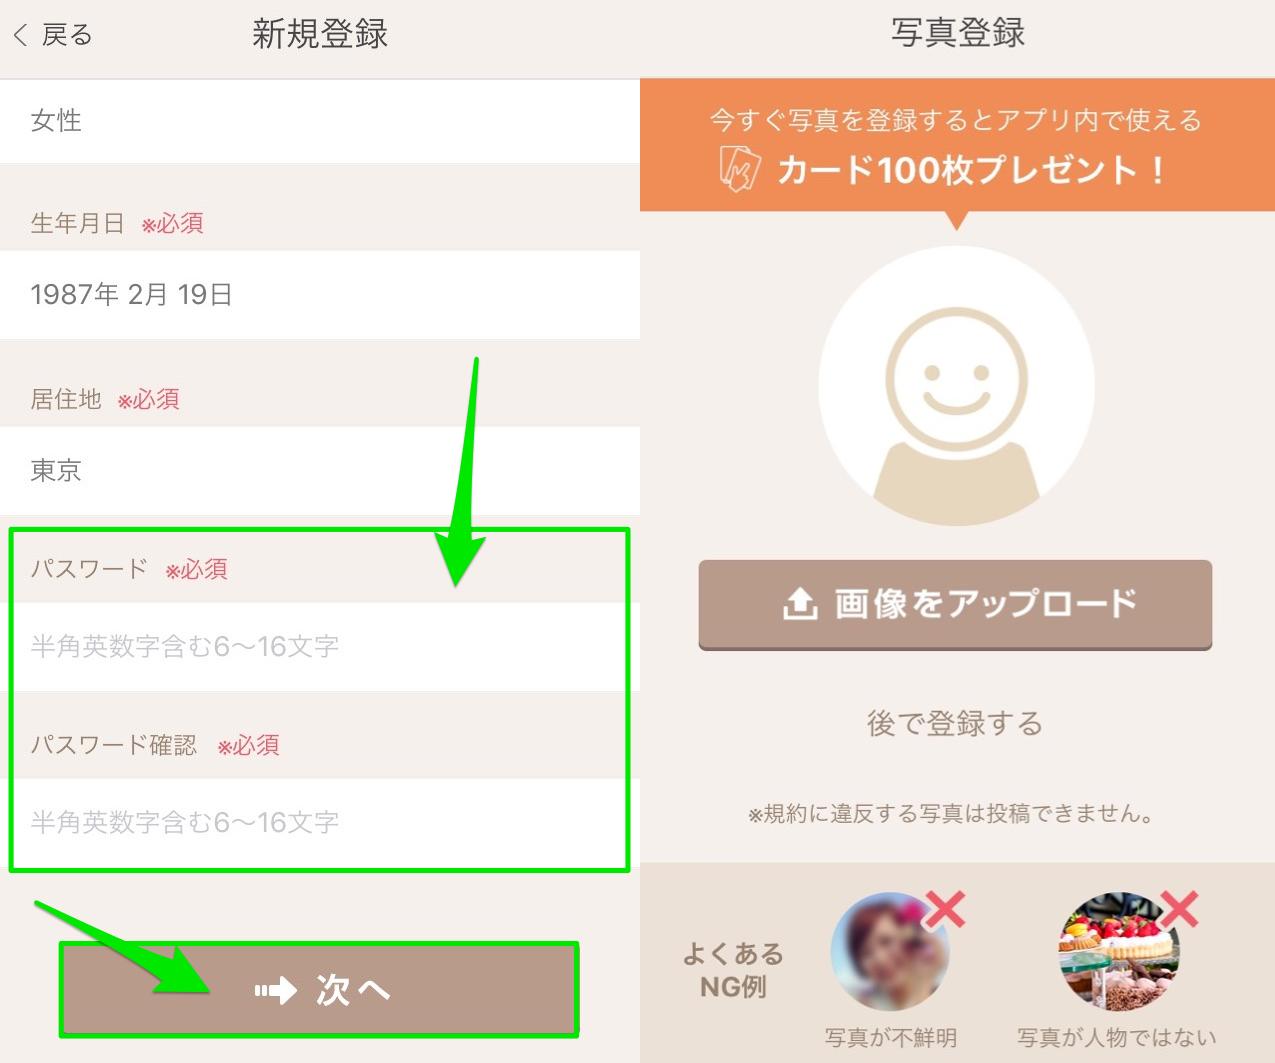 タップルの登録方法とプロフィール写真